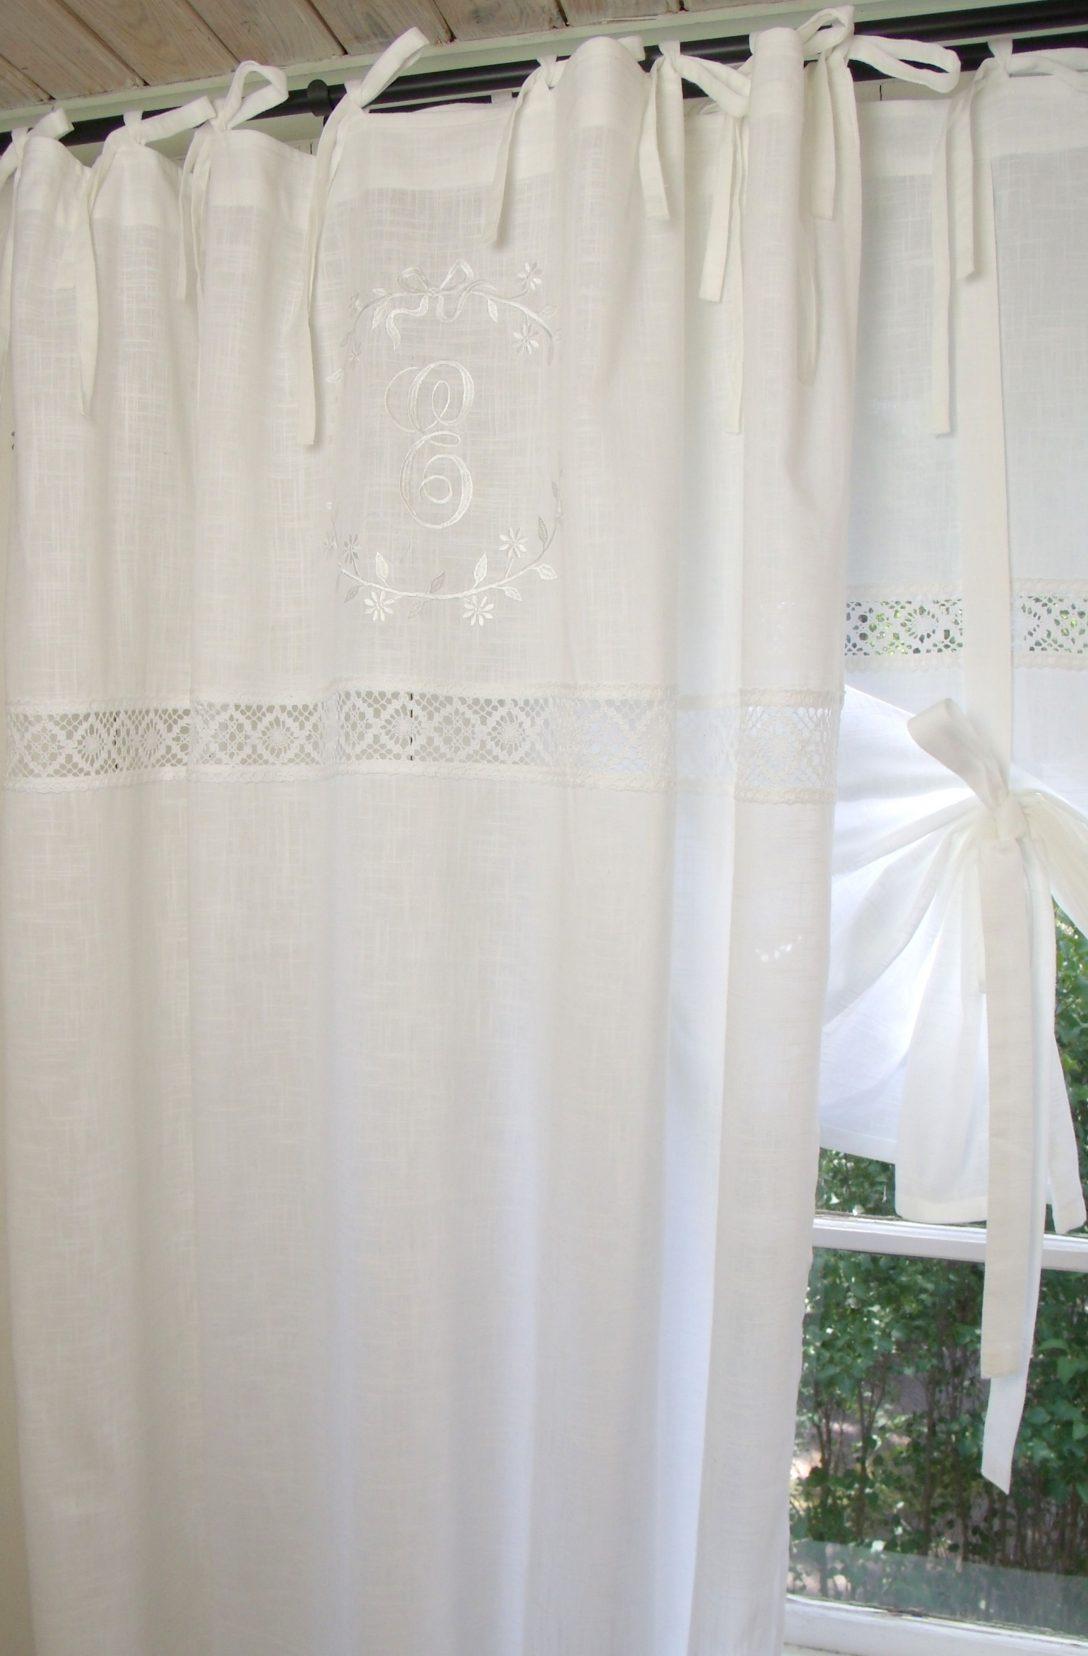 Large Size of Vorhang Emilia Wei Gardine 140x300 Cm 2 Stck Vorhnge Landhausstil Sofa Gardinen Für Küche Schlafzimmer Fenster Wohnzimmer Bad Scheibengardinen Die Esstisch Wohnzimmer Gardinen Landhausstil